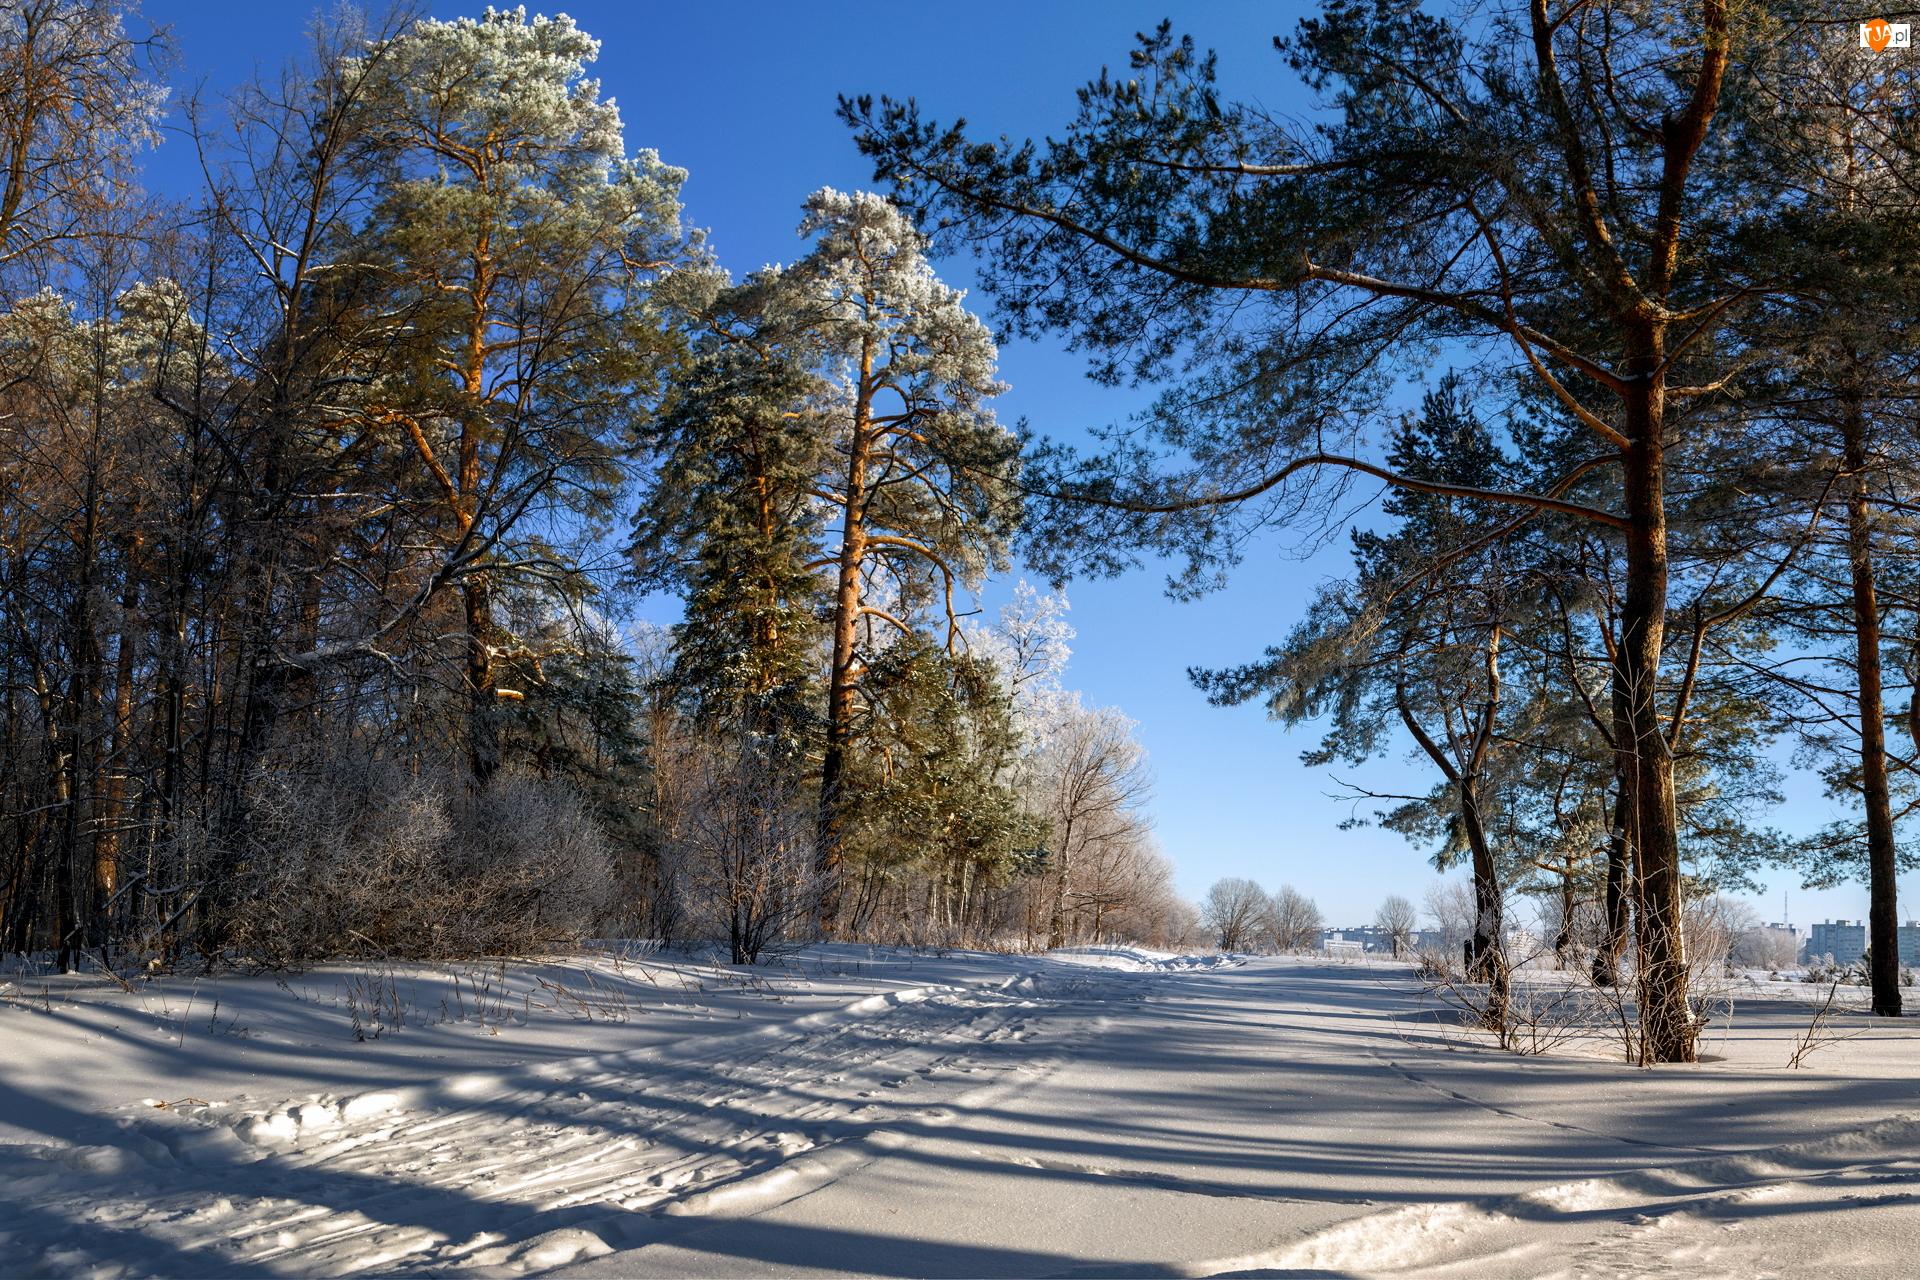 Ośnieżone, Drzewa, Droga, Zima, Sosny